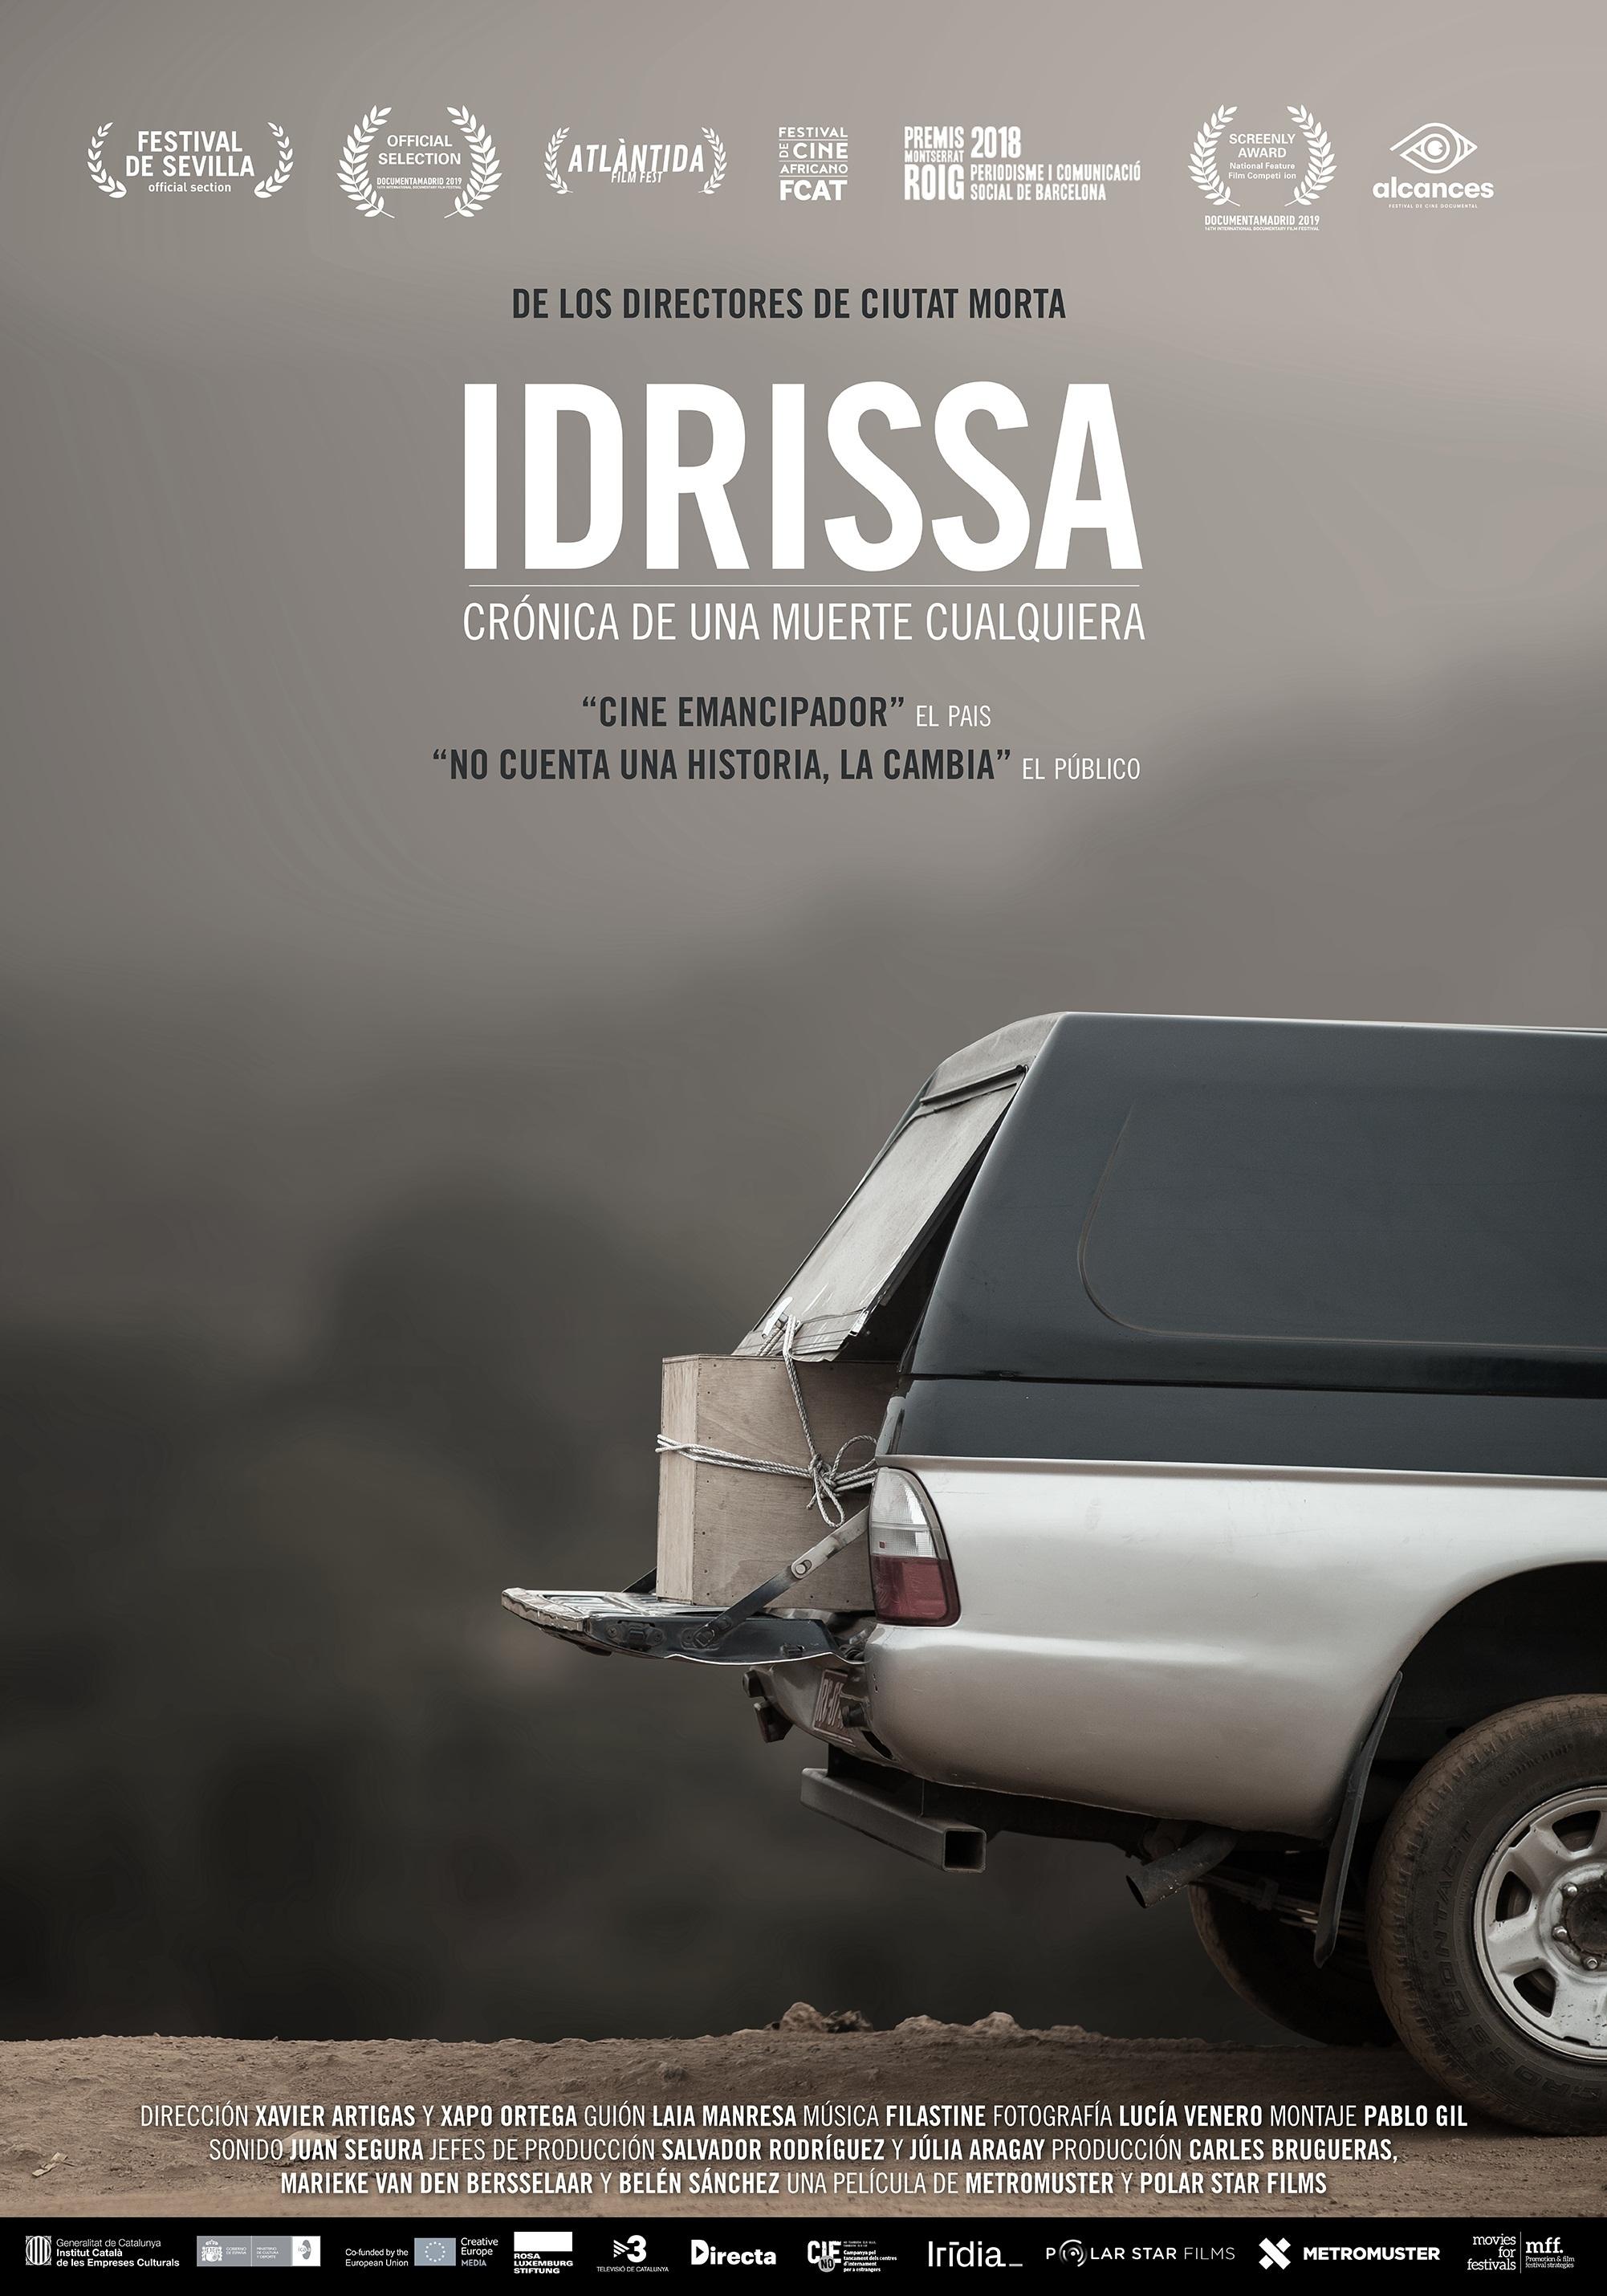 Cartel de Idrissa, crónica de una muerte cualquiera